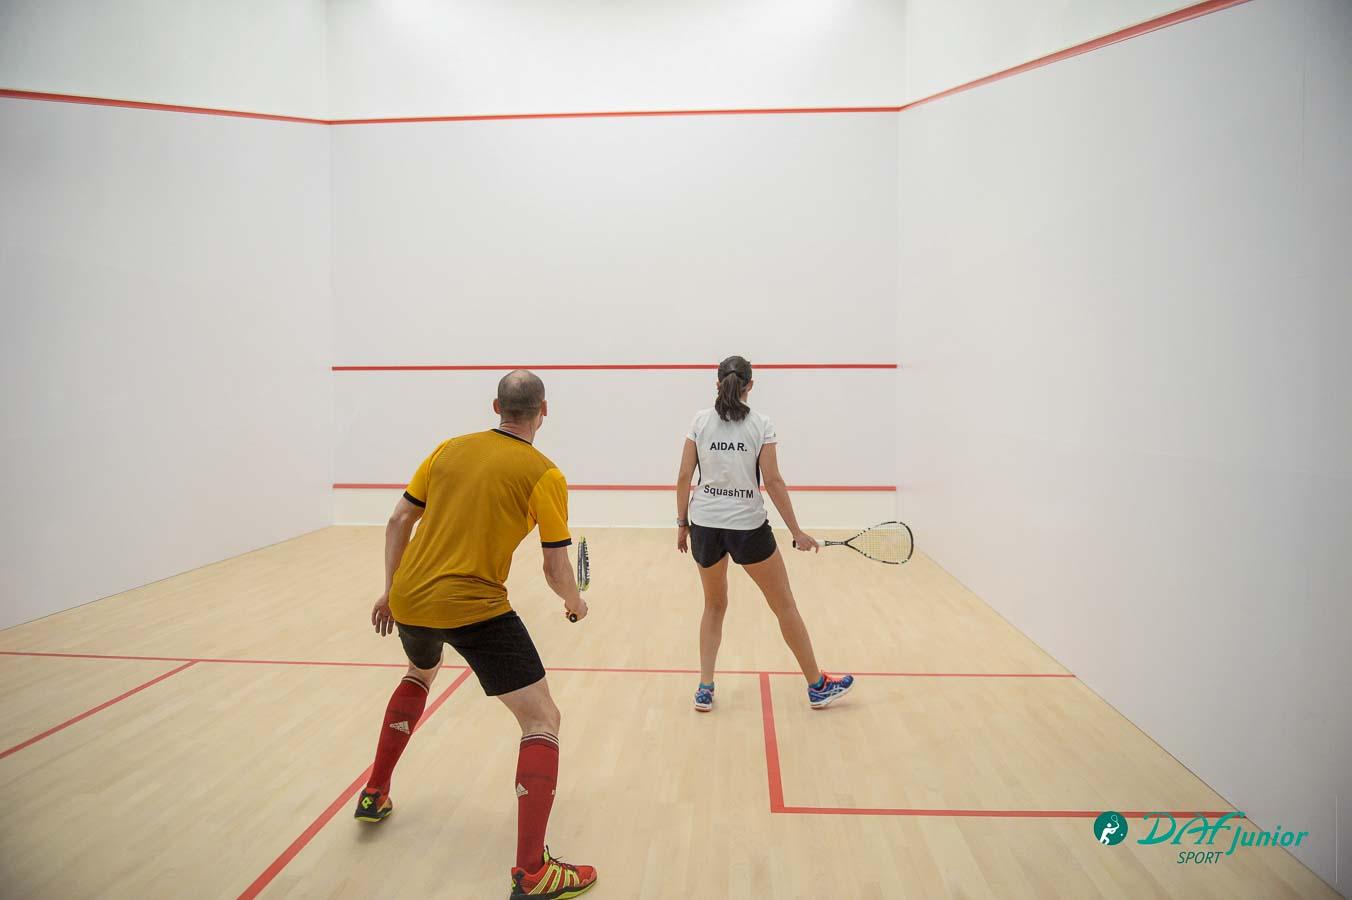 daf-sport-gallery-13